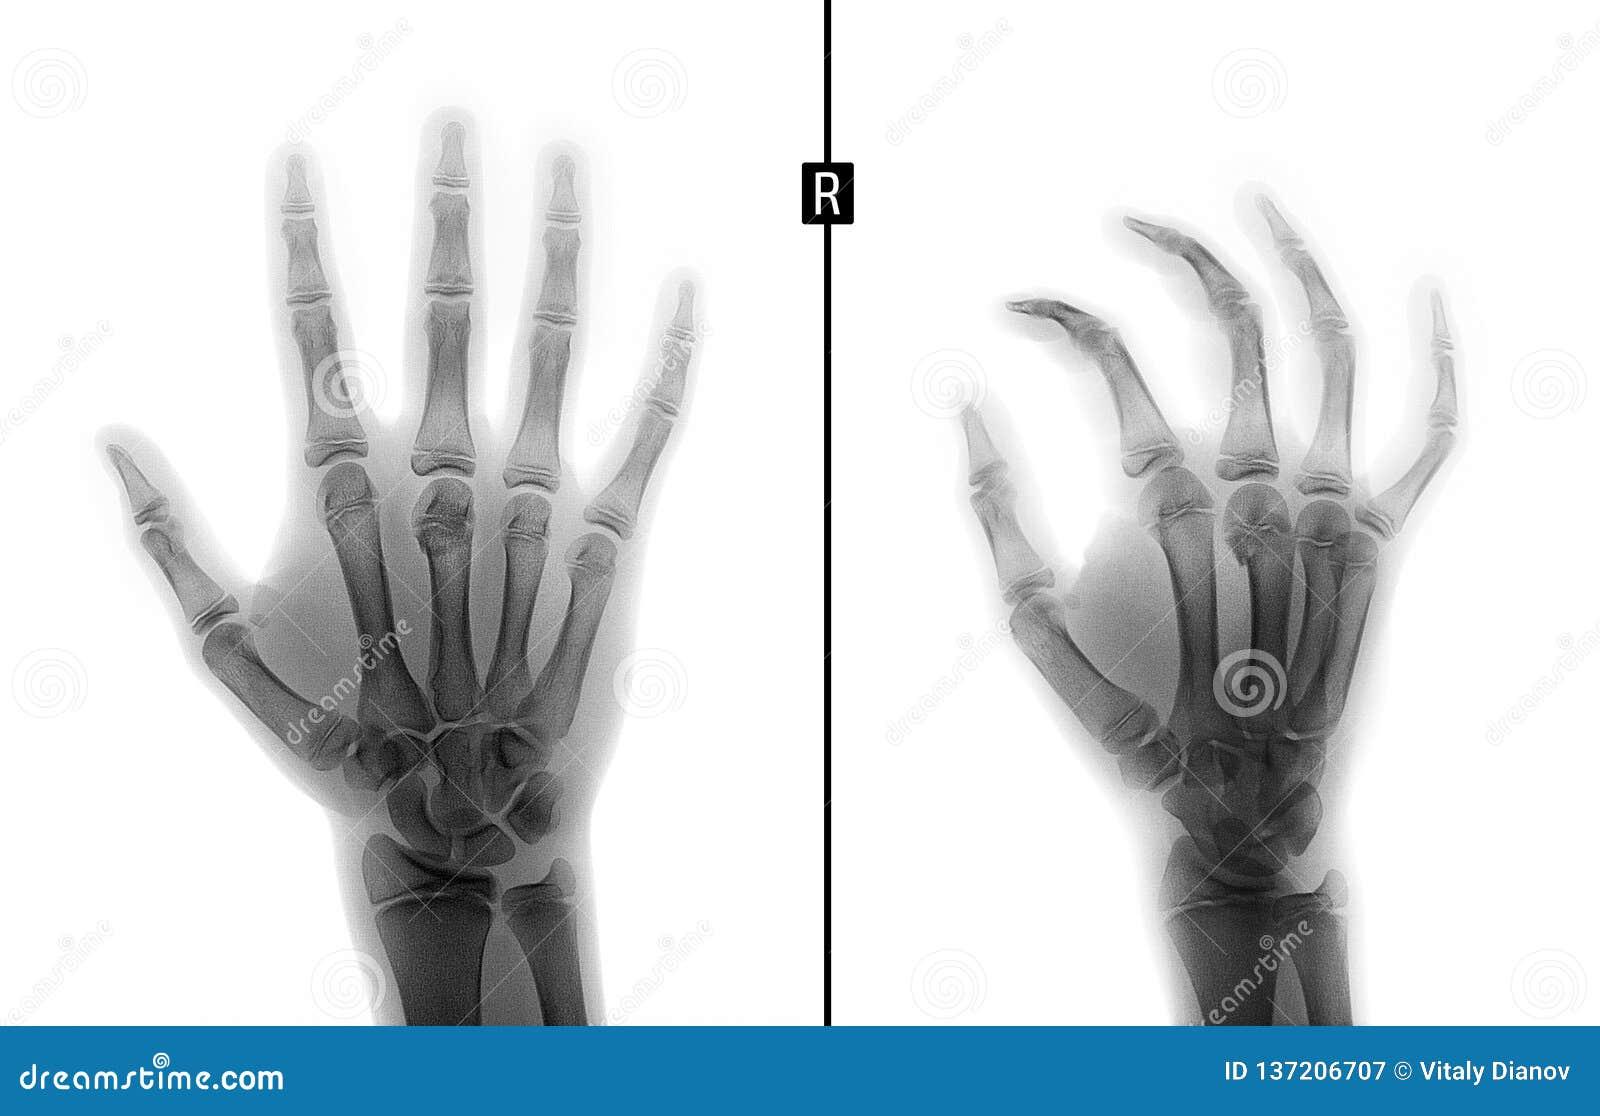 Rayon X de la main Fracture du 3ème os metacarpal l enfant Négatif